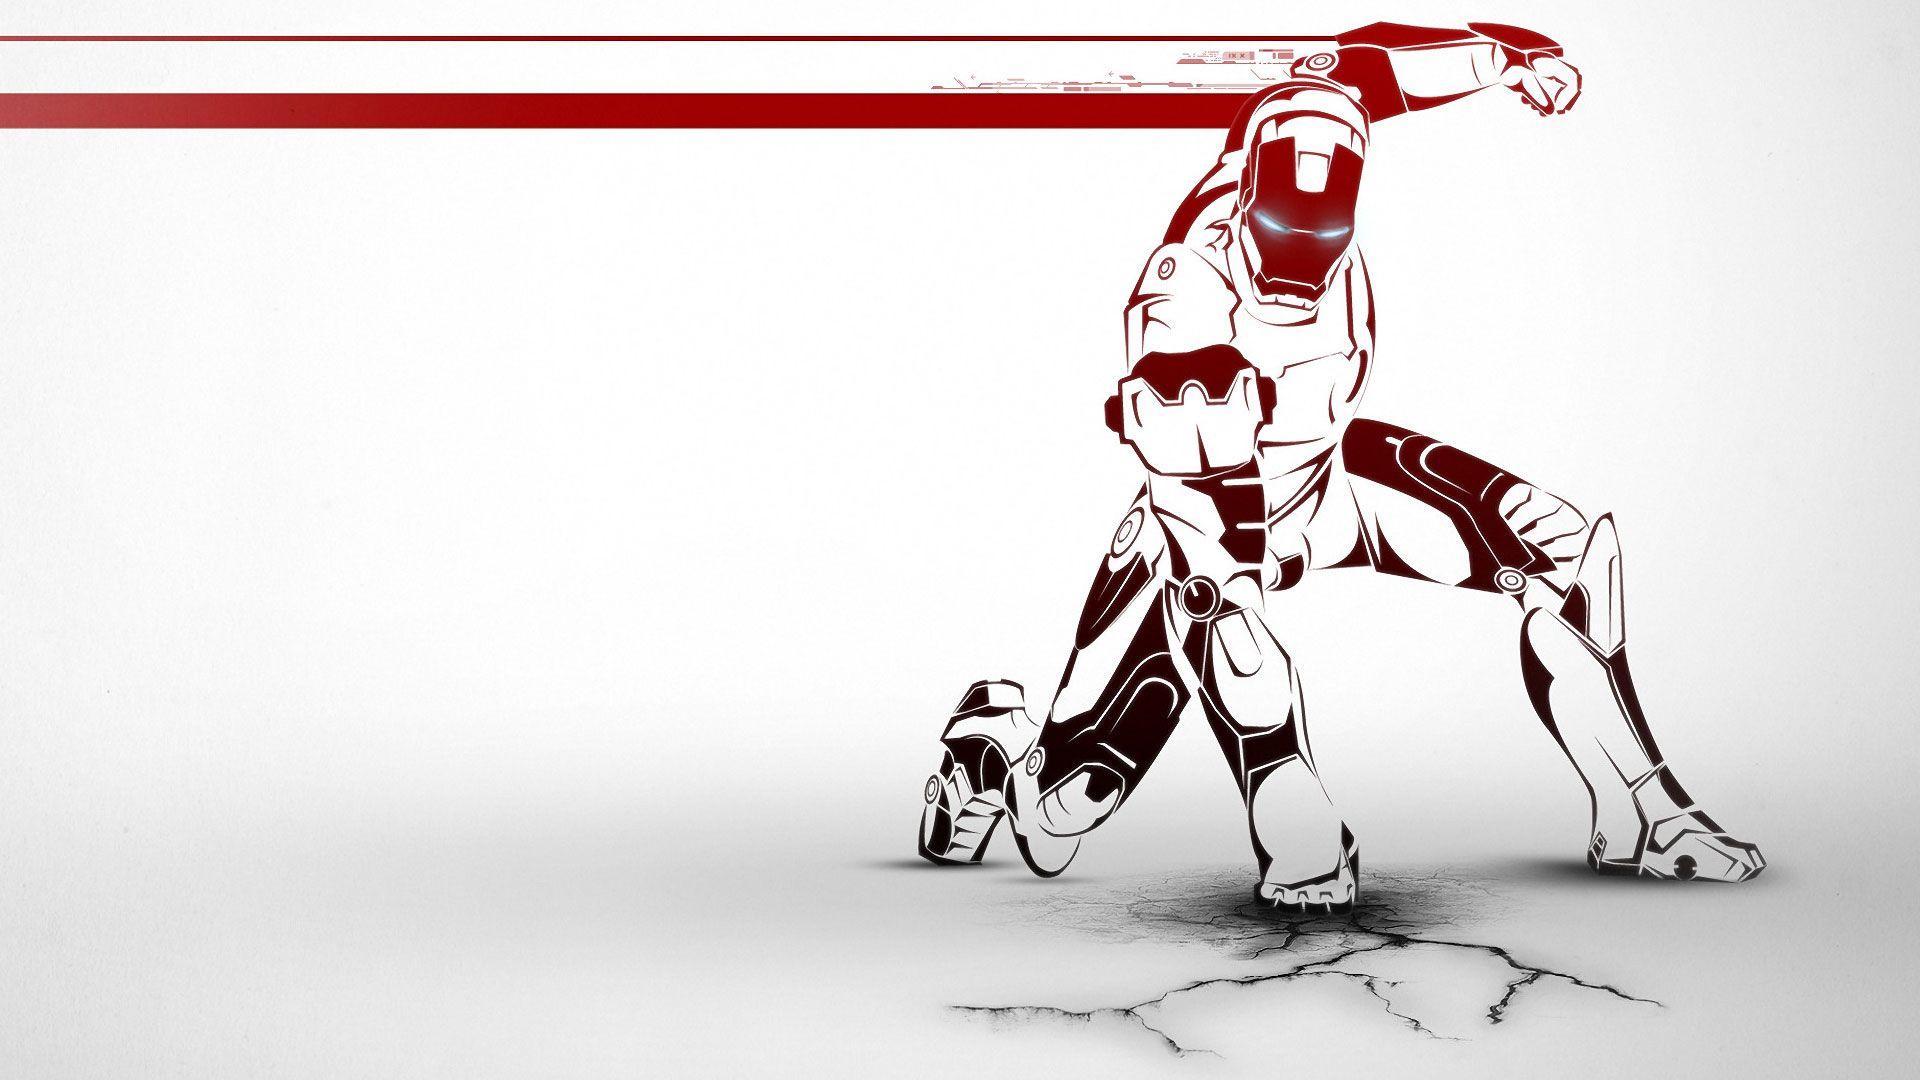 Iron man white wallpaper